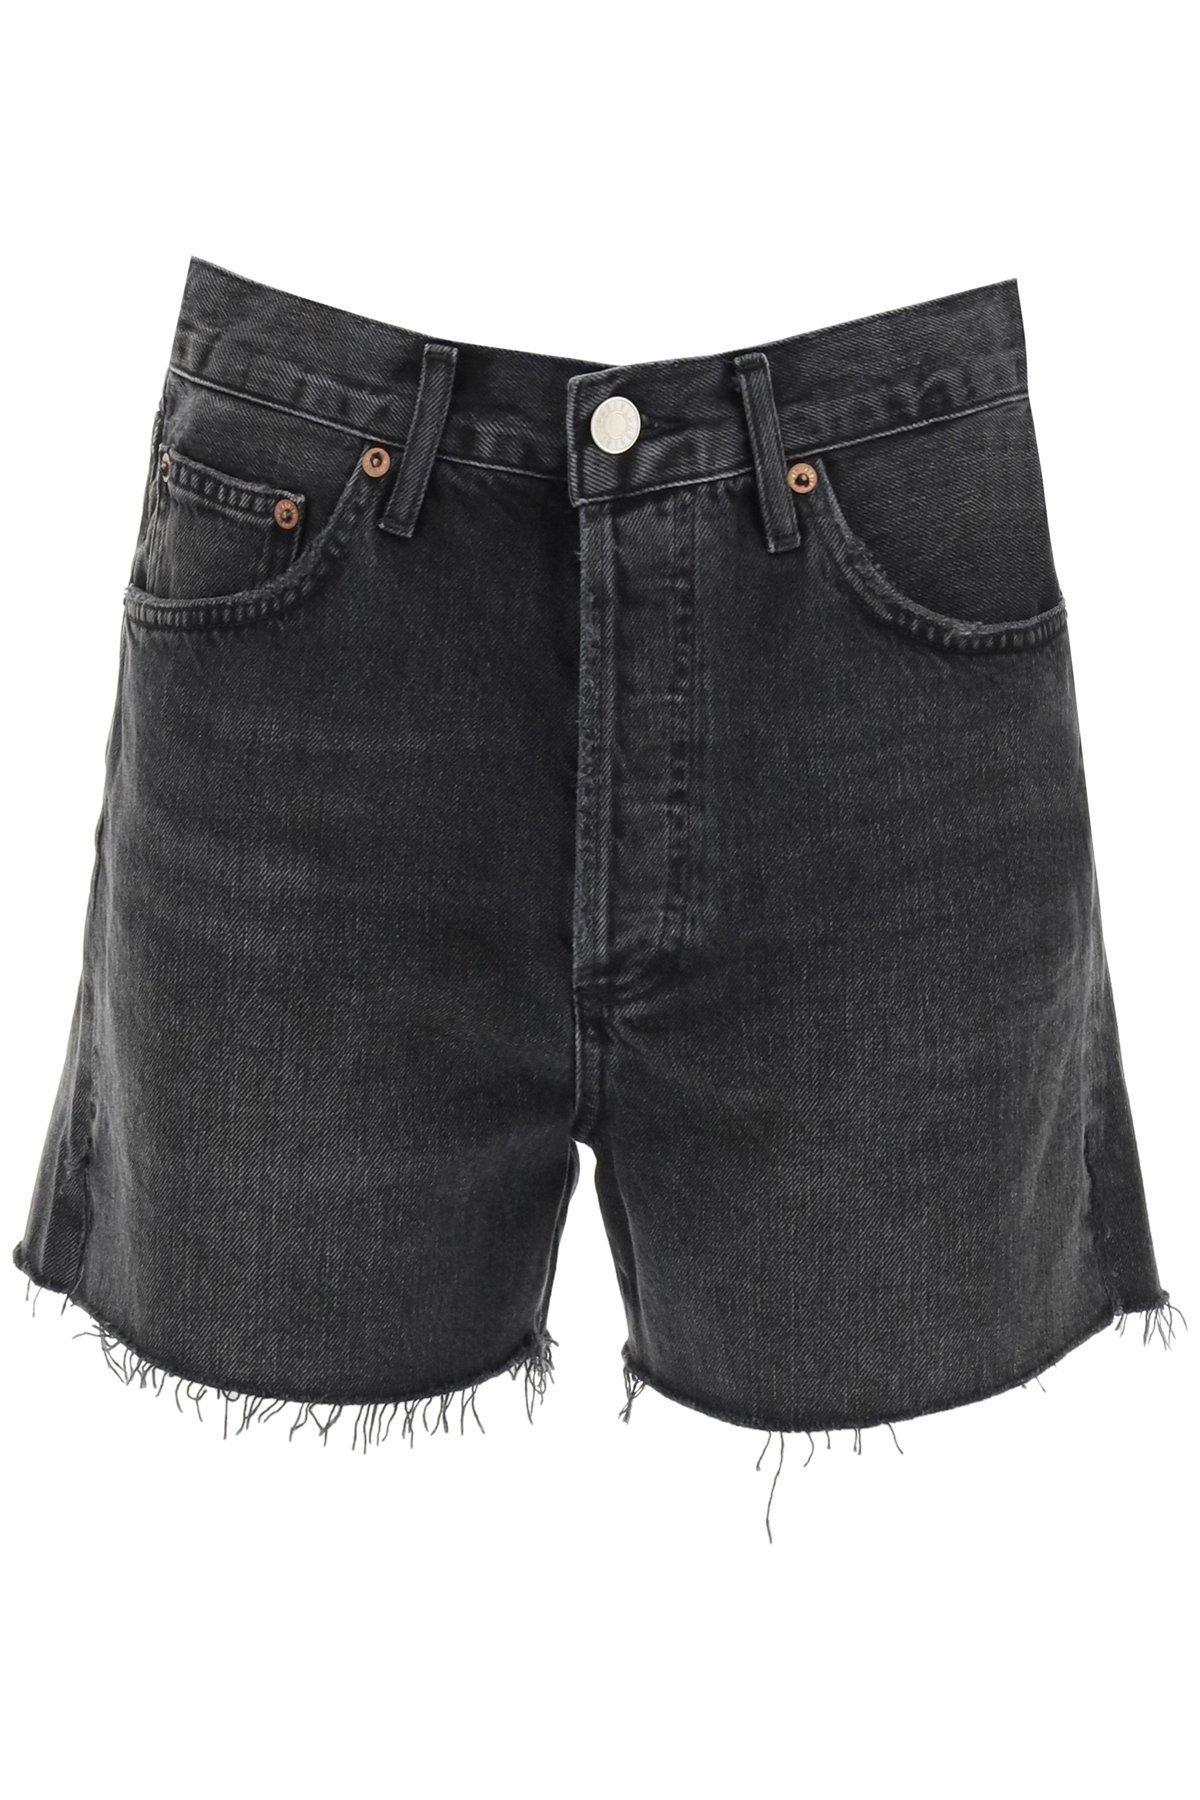 Agolde jeans corti dee